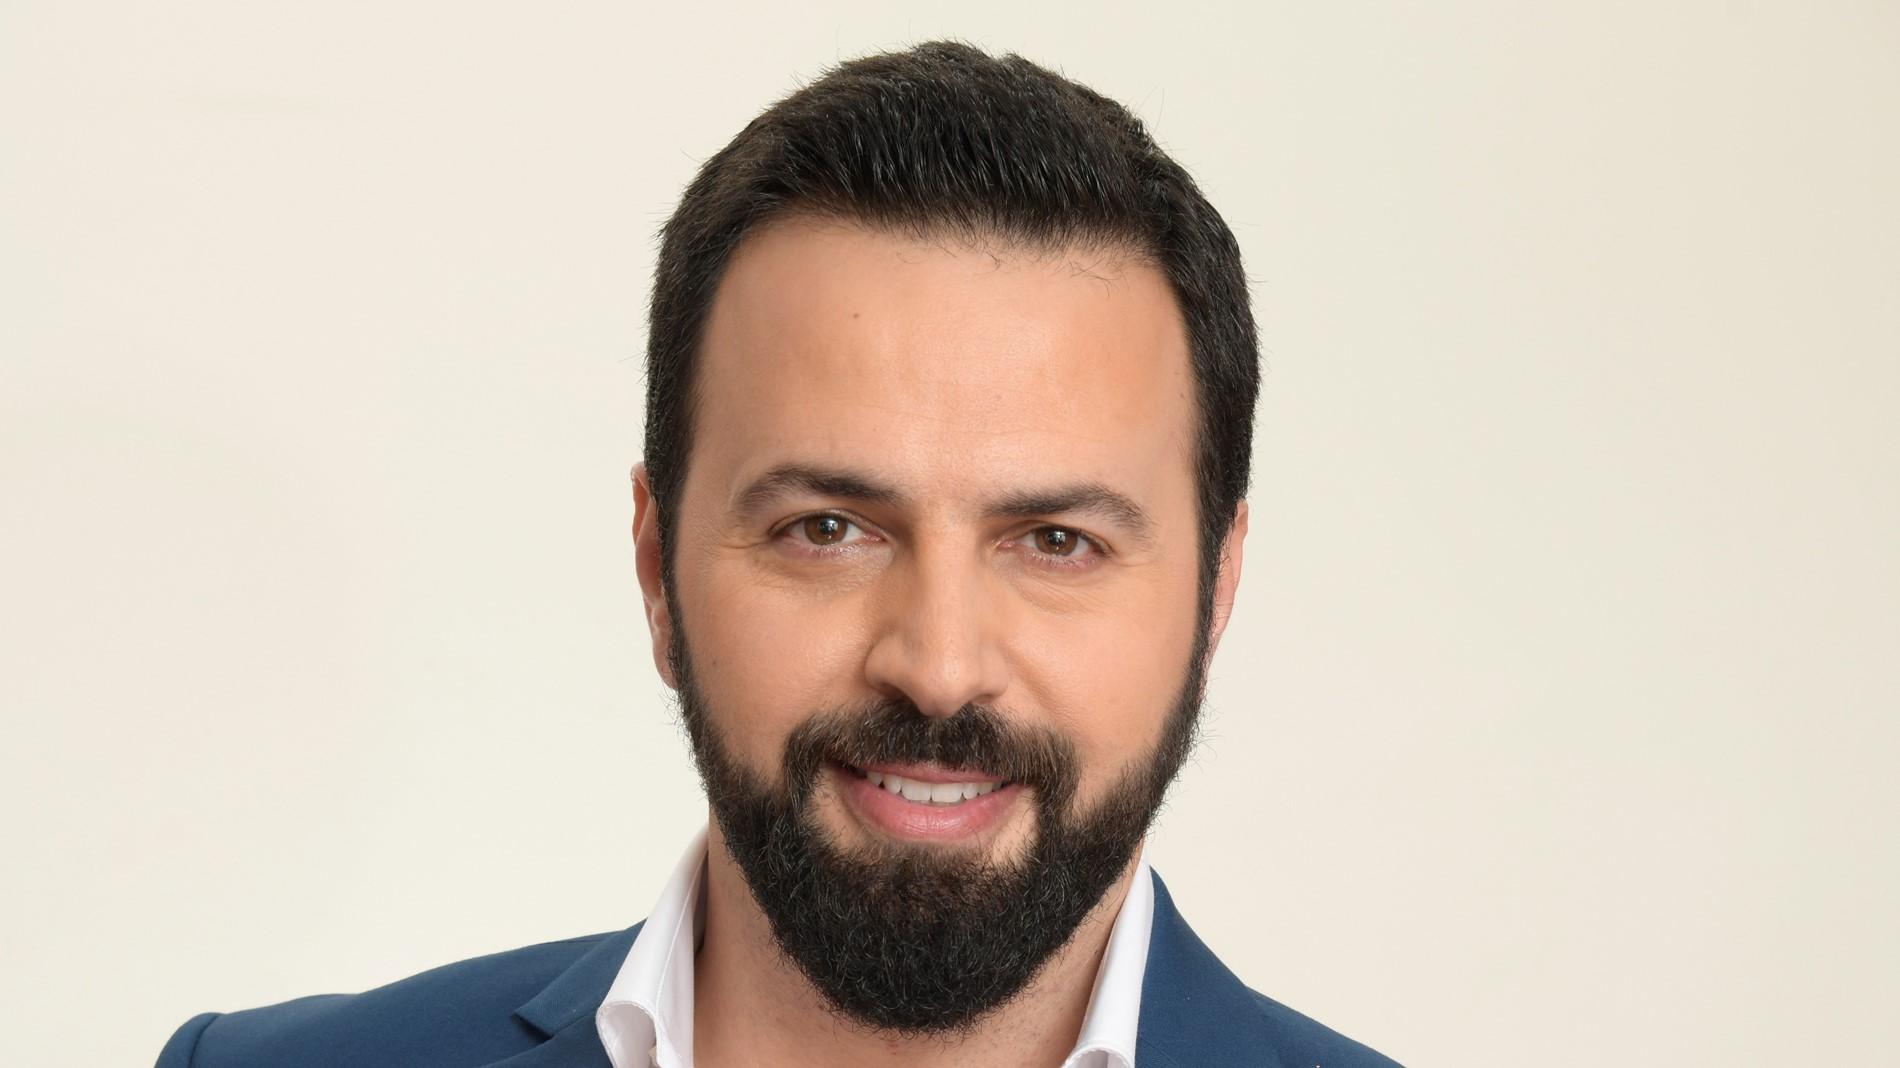 تيم حسن يكشف حقيقة فيلم يجمعه بقصي خولي ونادين نجيم